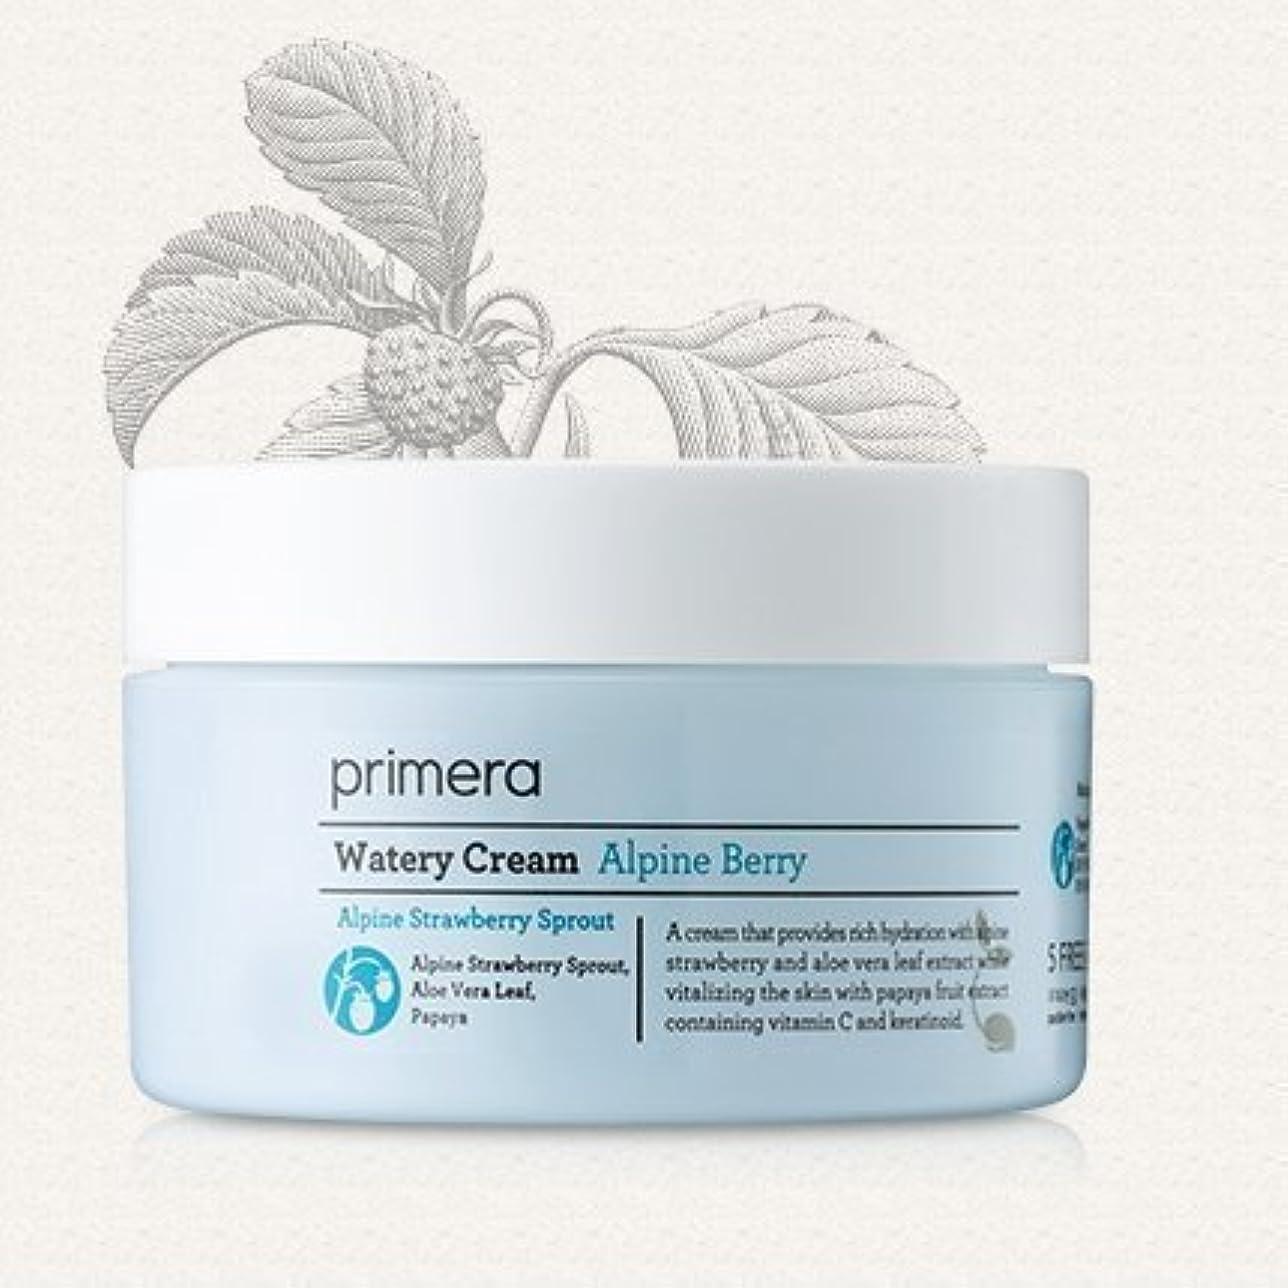 緩やかな鈍い援助Primera Technology プリメーラ アルパイン ベリーで水っぽいクリーム 100 Ml [並行輸入品]